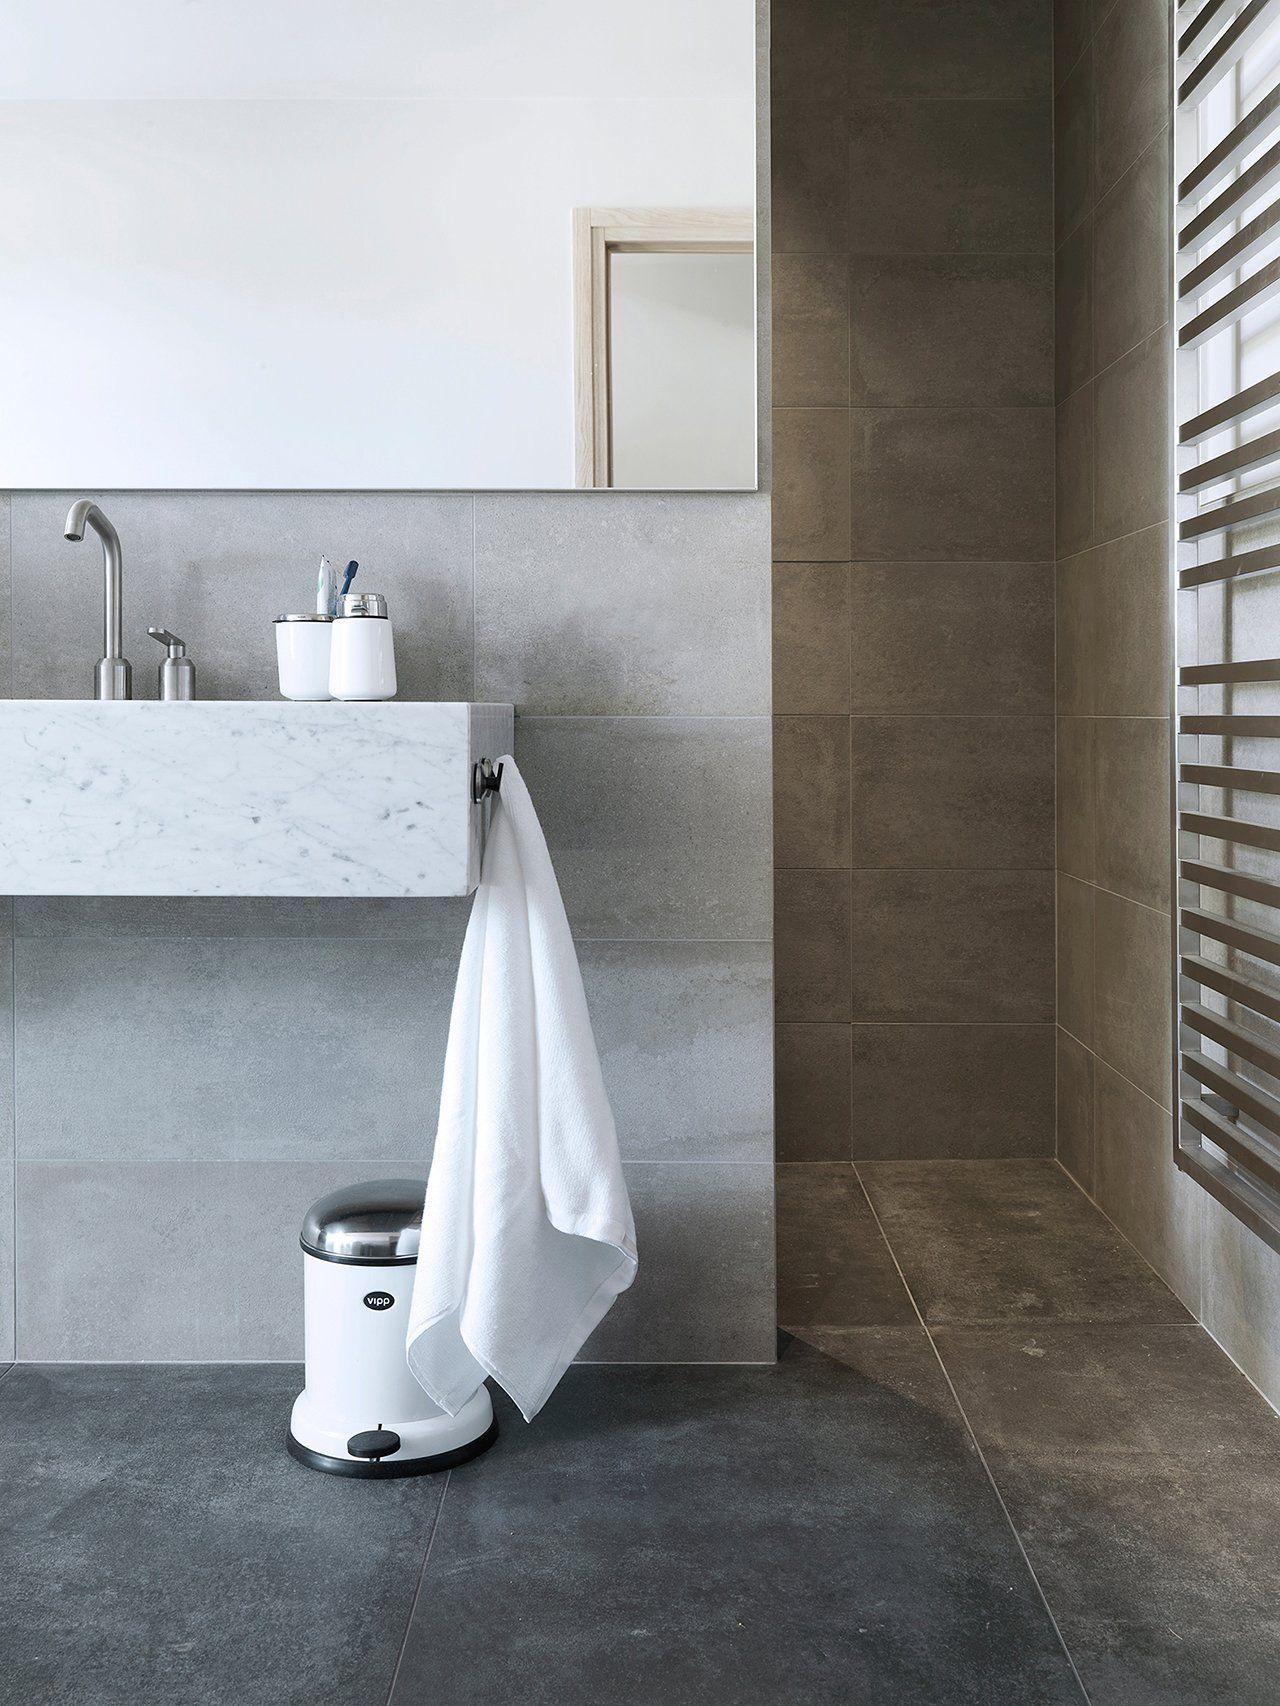 Bathroom In Bretagne Vipp Pedal Bin Badezimmer Inspiration Badezimmer Fliesenboden